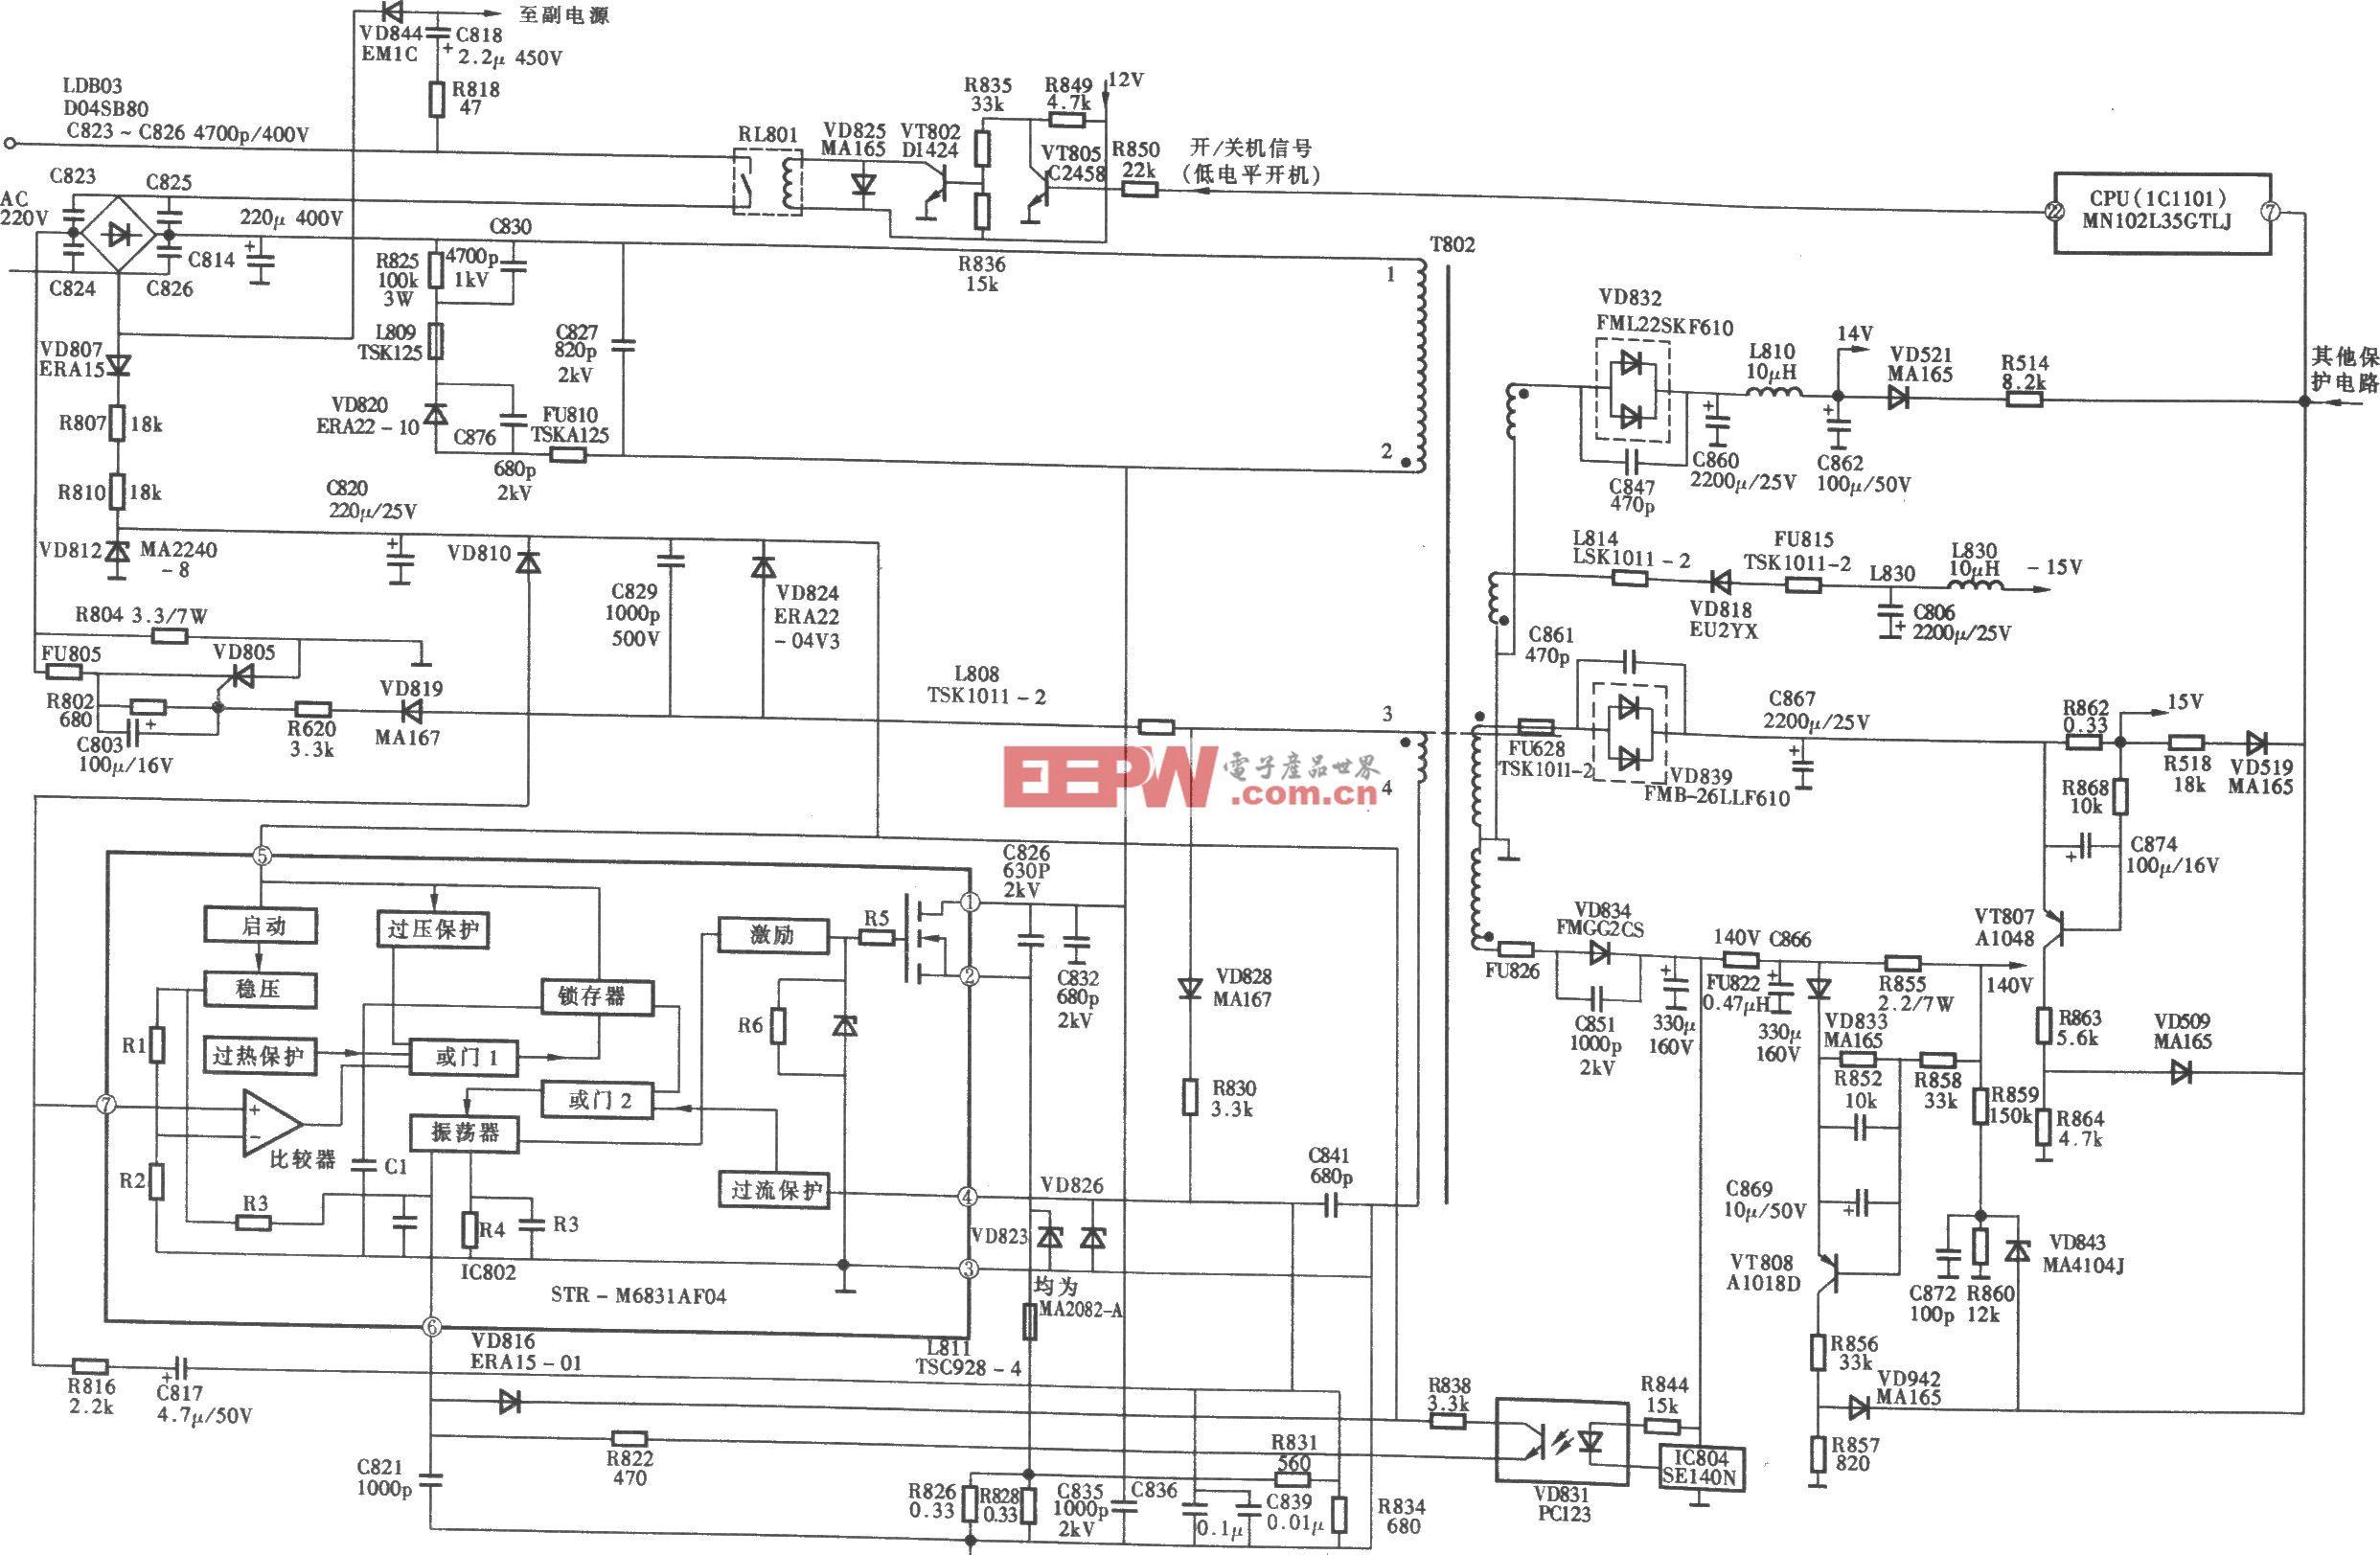 松下TC-29P100G信频彩电开关电源(STR-M683Laf04) 电路